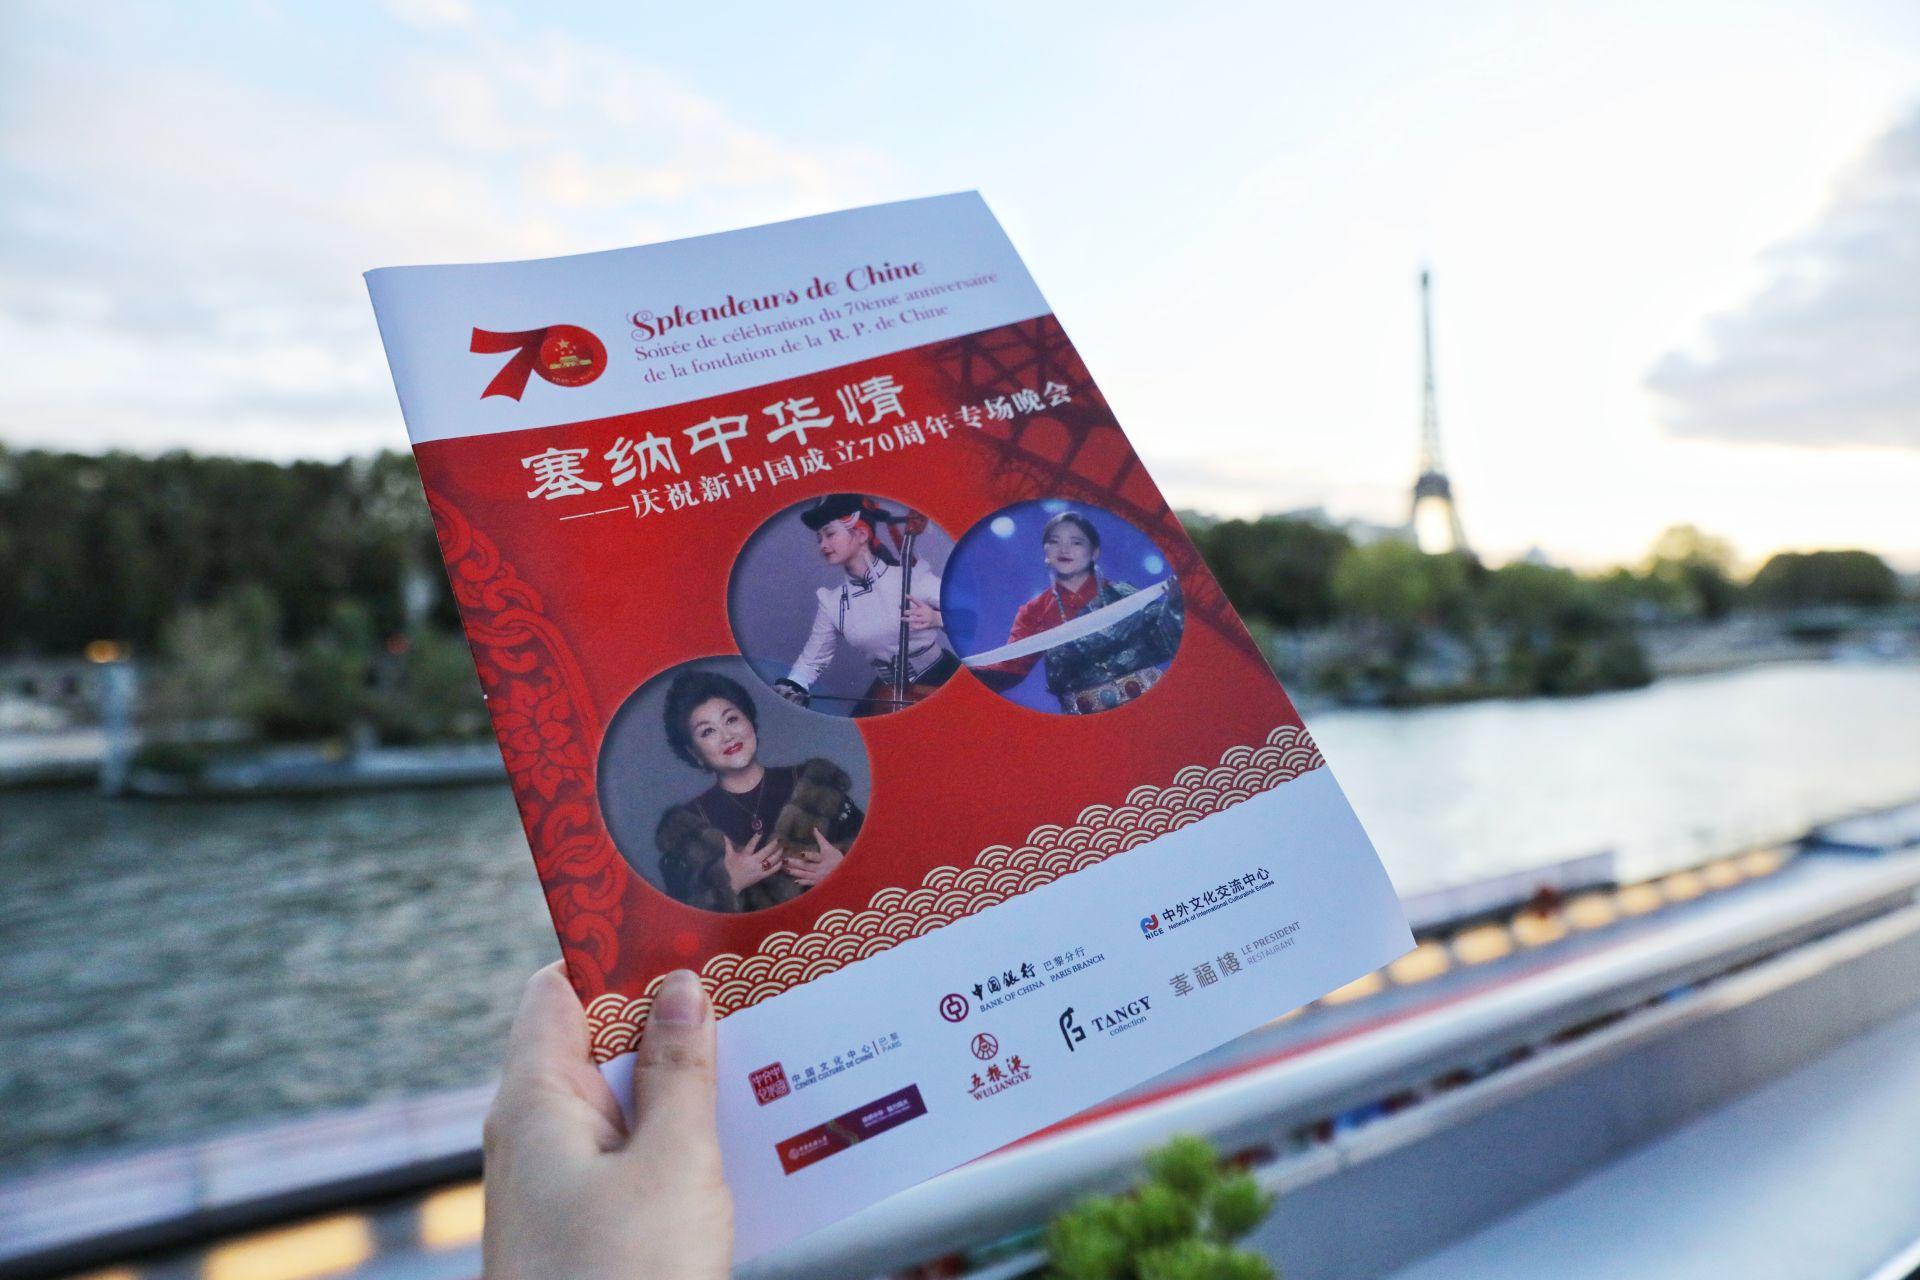 """中国文化和旅游部巴黎中国文化中心在巴黎举办 """"塞纳中华情""""文化活动(摄影:吴桐)"""